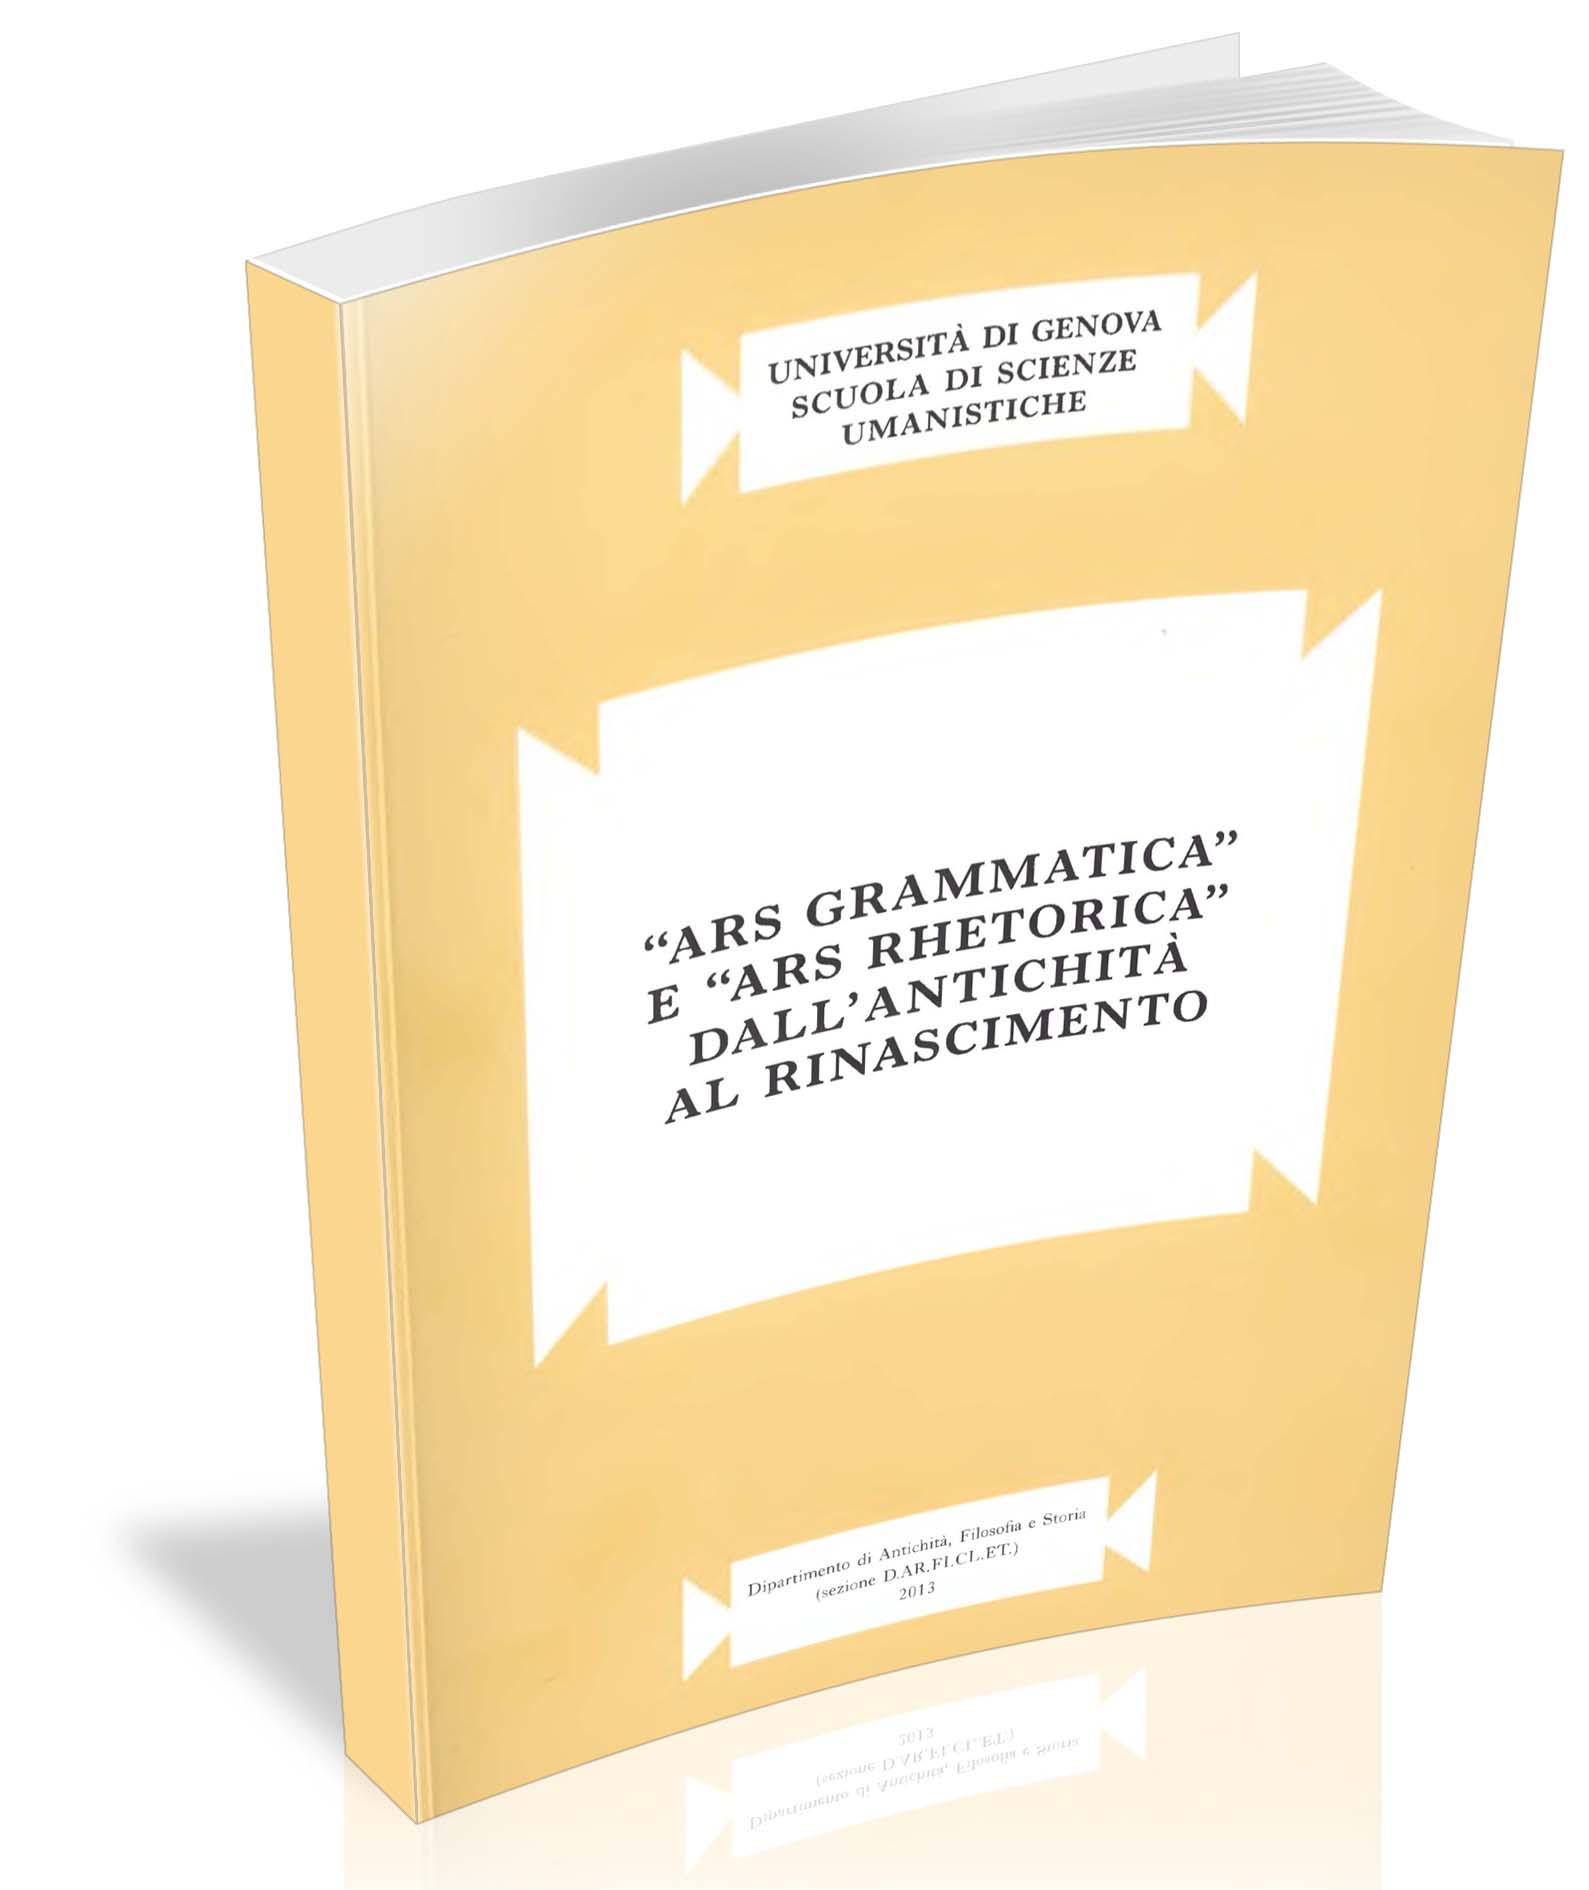 «Ars grammatica» e «Ars rhetorica» dall'antichità al Rinascimento